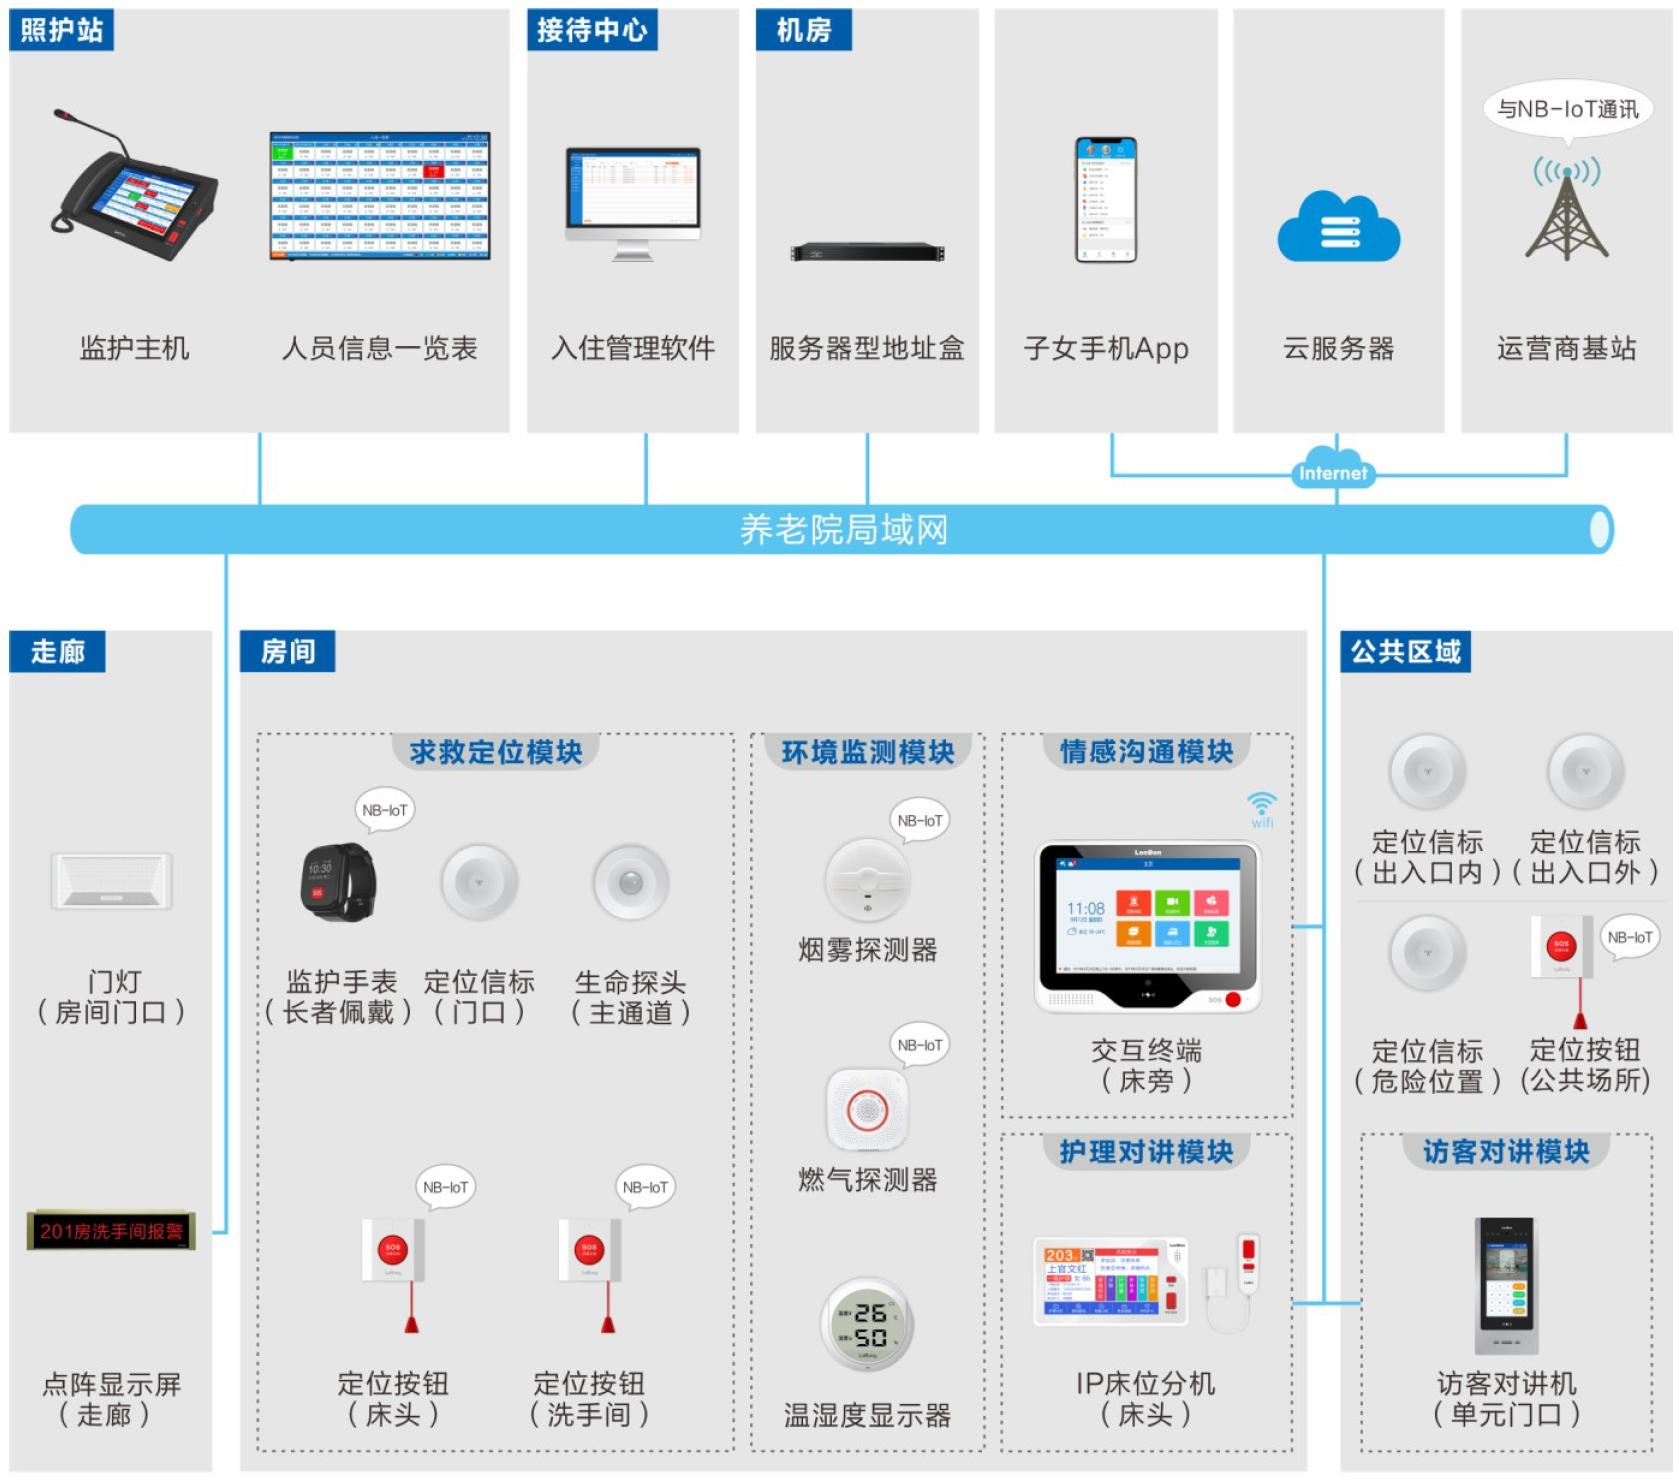 https://oyy.oss-cn-shenzhen.aliyuncs.com/files_user2/article/a77283ba557a5dfe94806e7330ded897.png